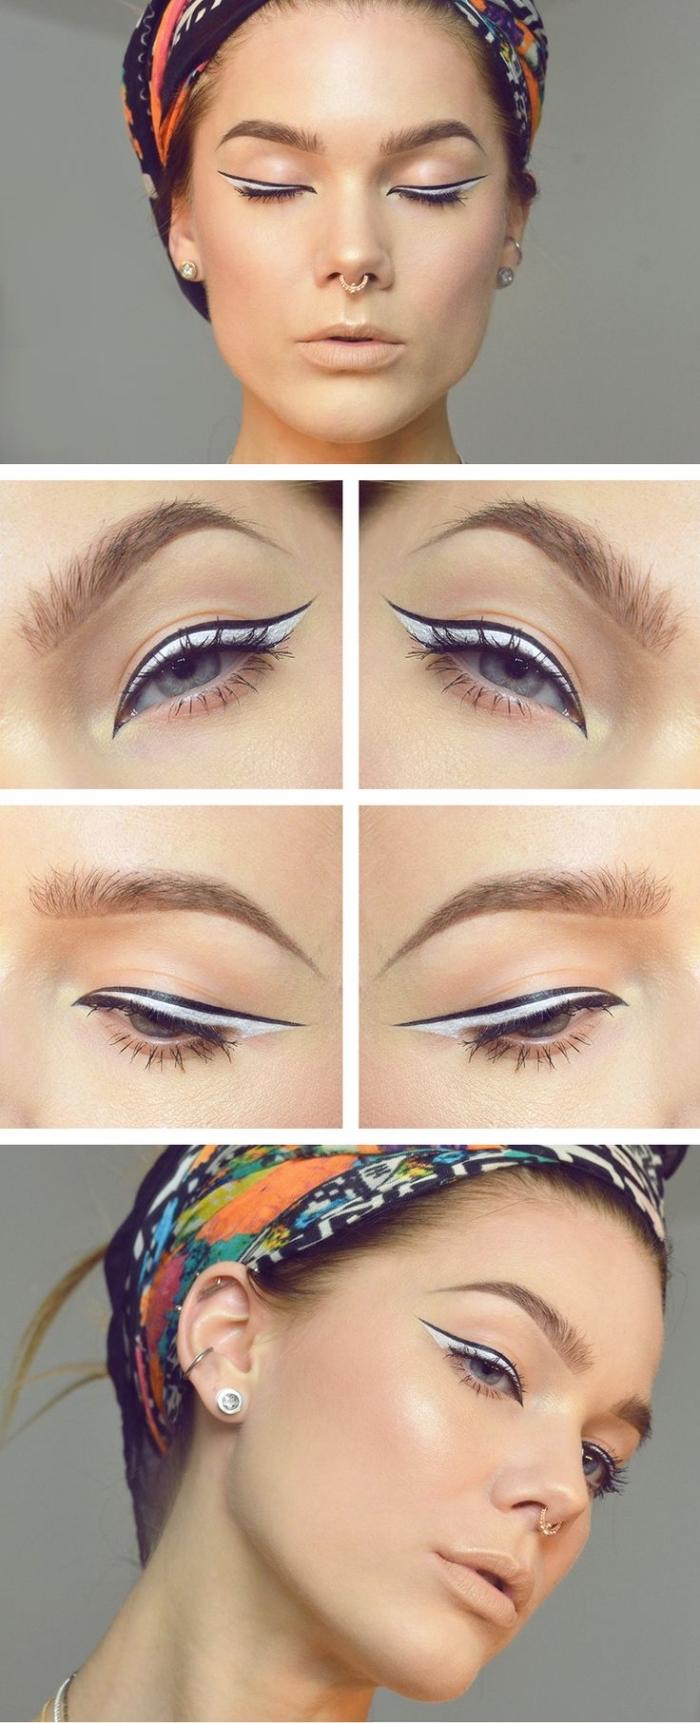 tuto maquillage yeux bleus, coiffure cheveux attachés, contouring visage facile au fond de teint nuance pêche et lèvres nude